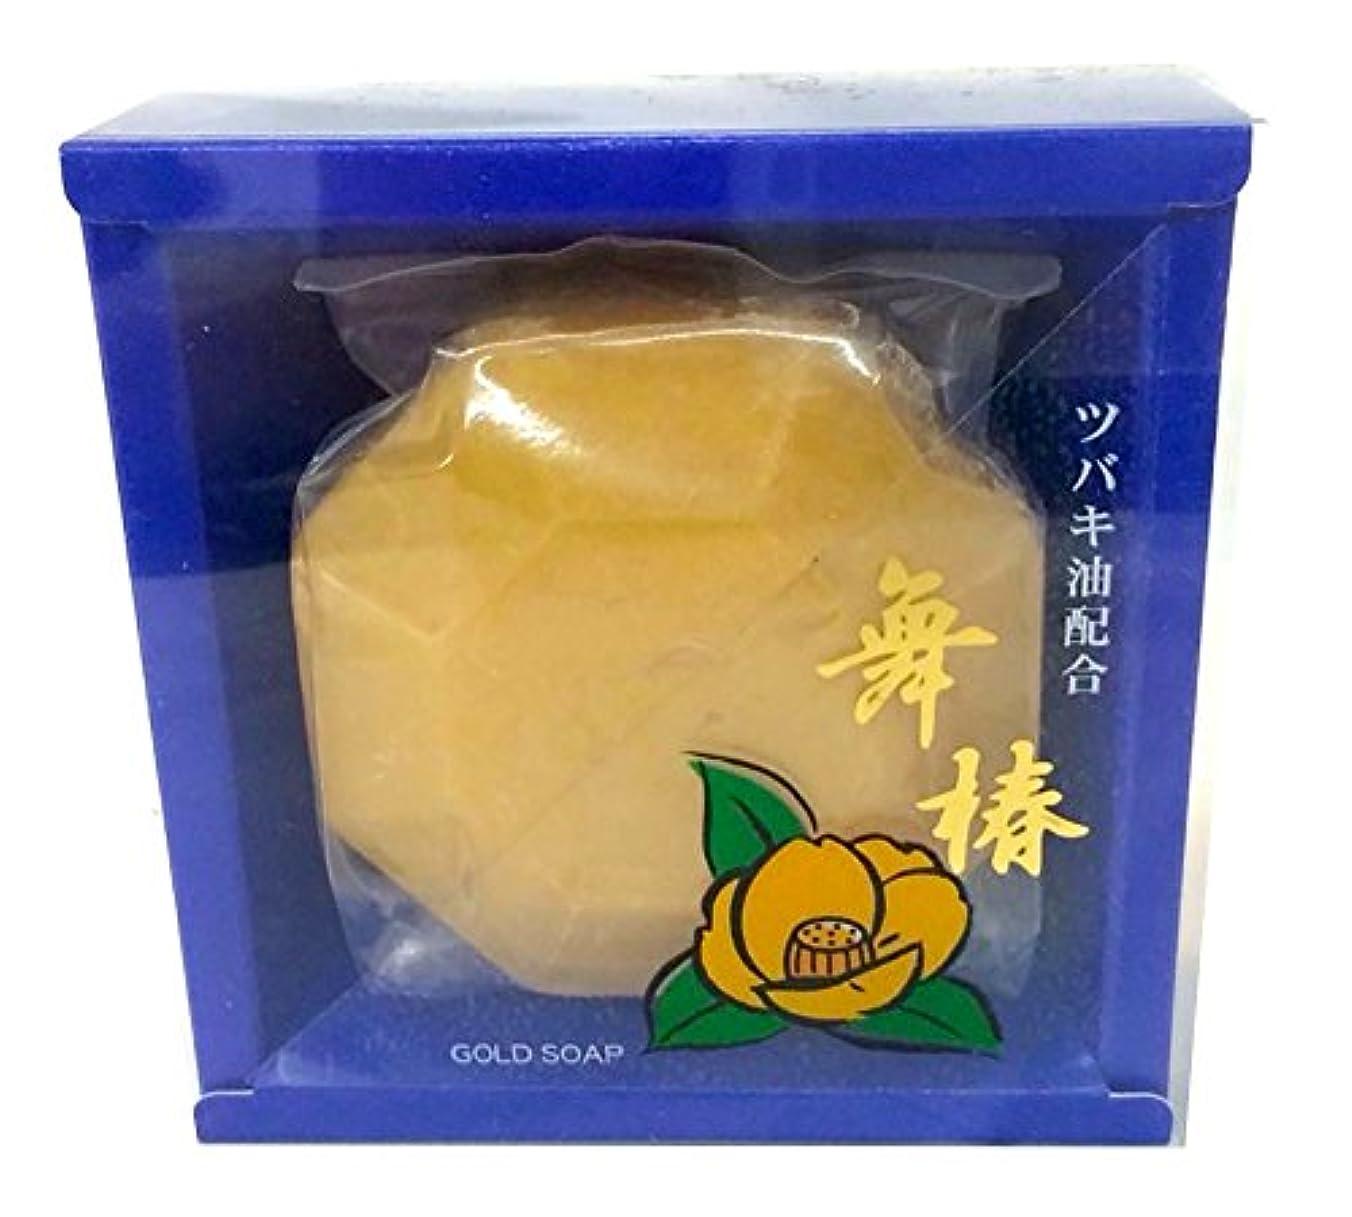 増幅する教育者受け取る舞椿ゴールドソープ (ツバキオイル配合)110g